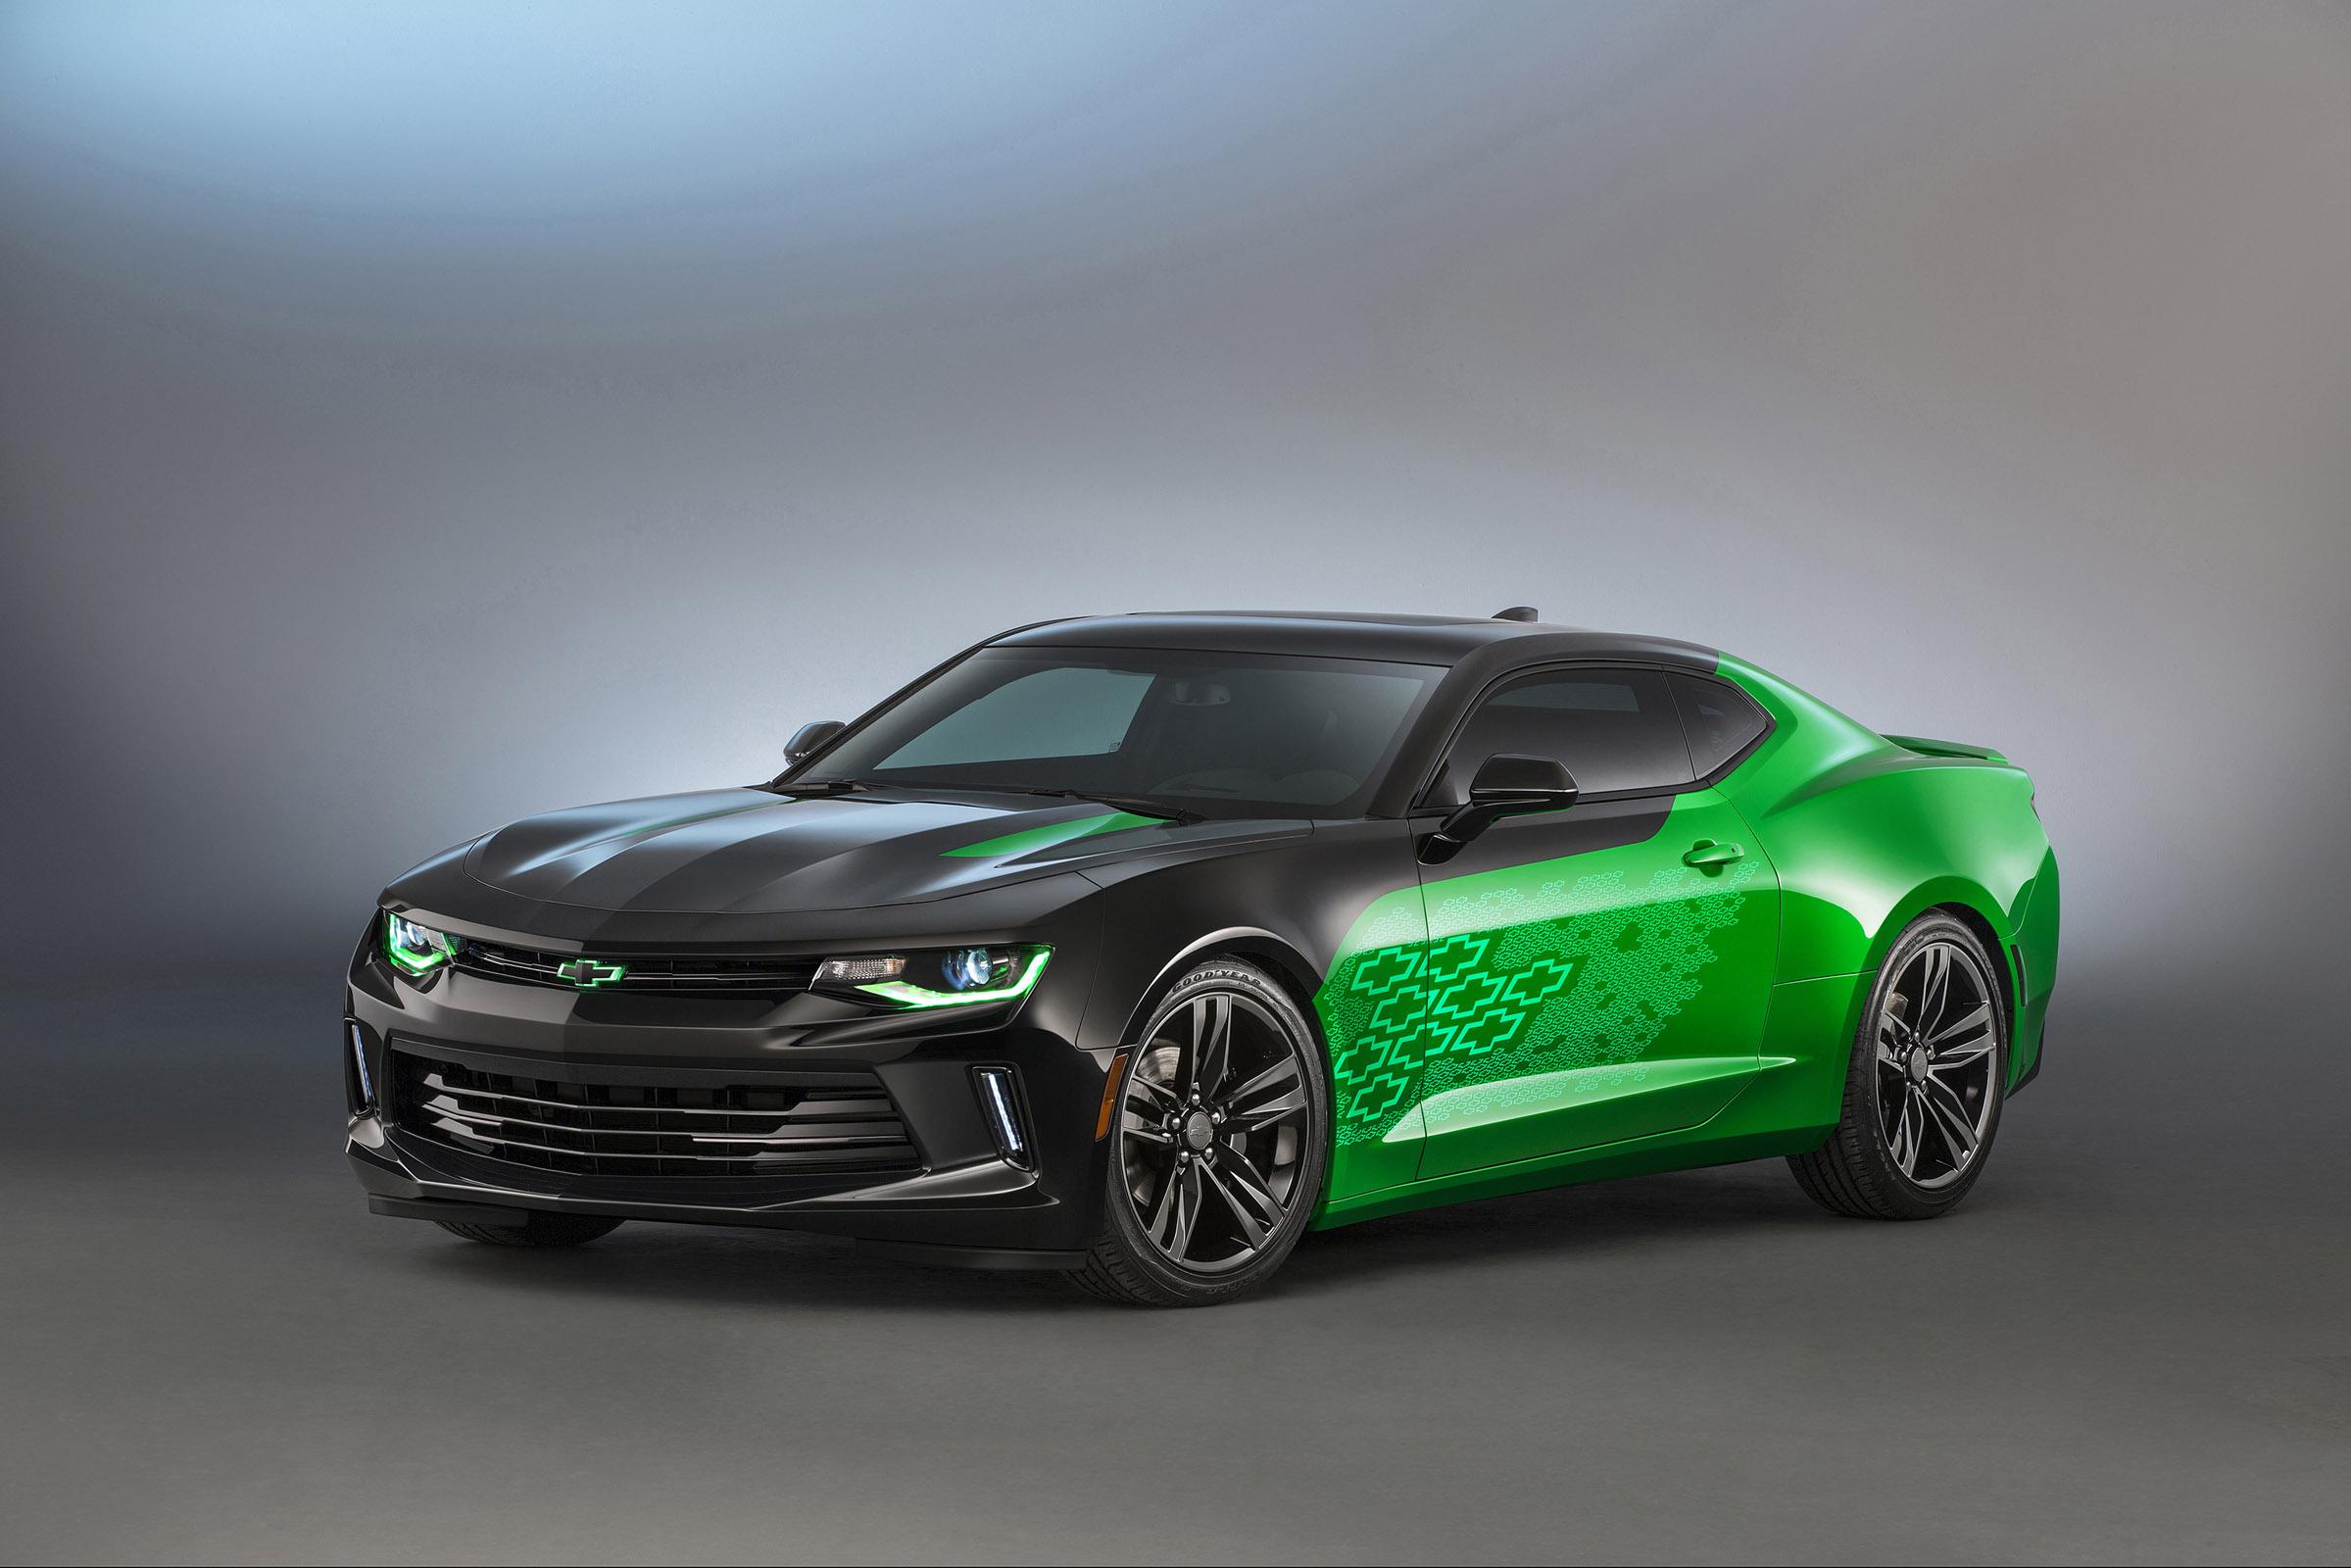 2020 Camaro Concept New Car Update 2020